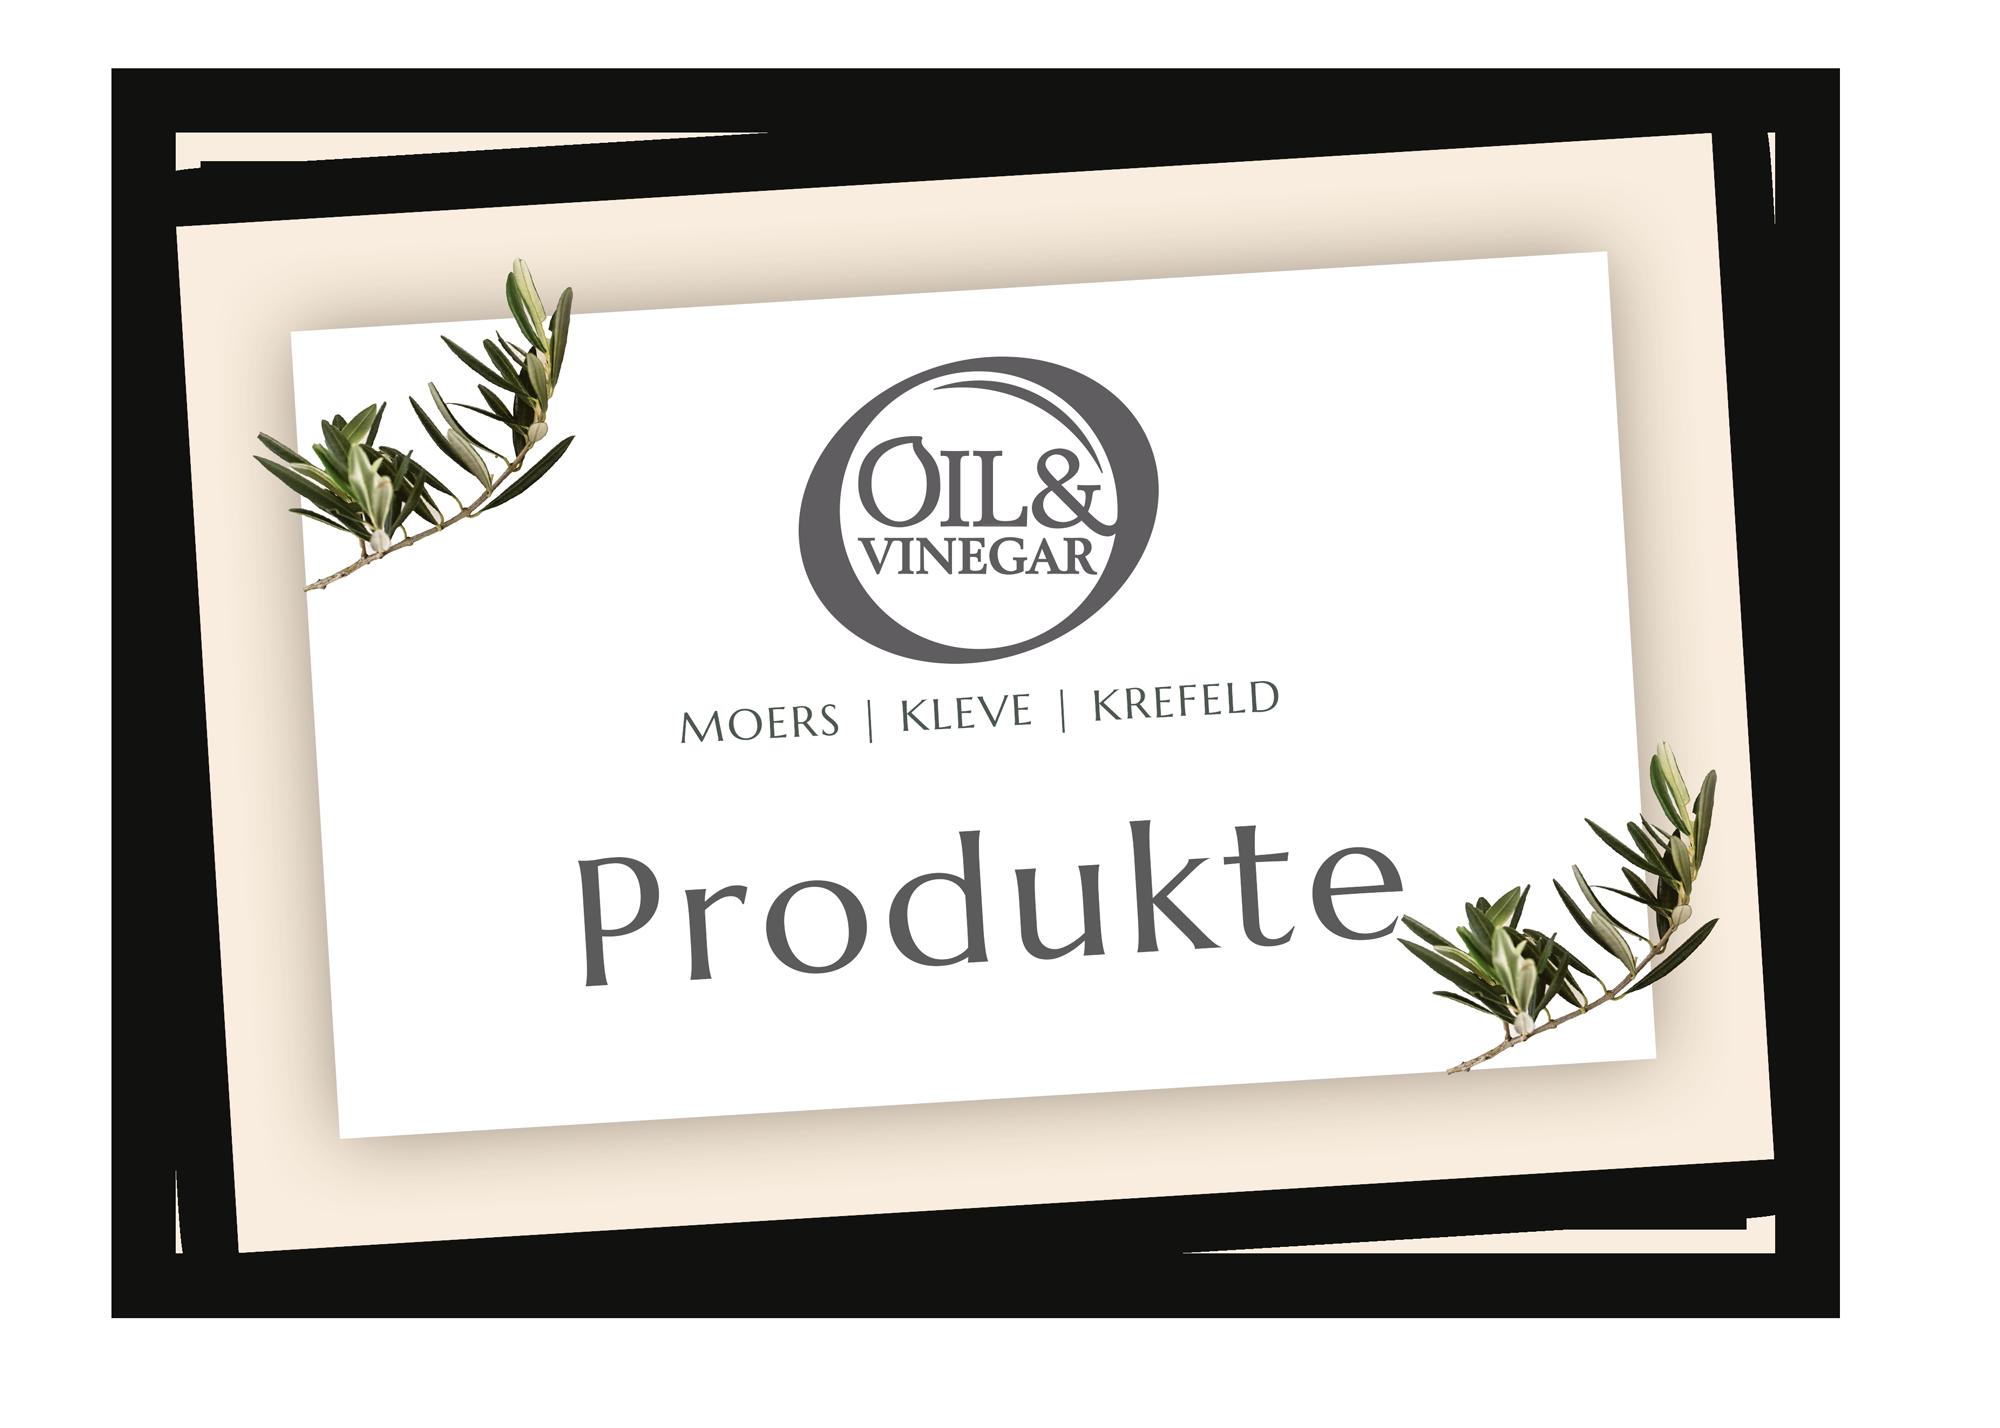 oil-and-vinegar-kulinarische-geschenke-nordrhein-westfalen-hochwertiger-essig-hochwertige-speiseoele-olivenoel